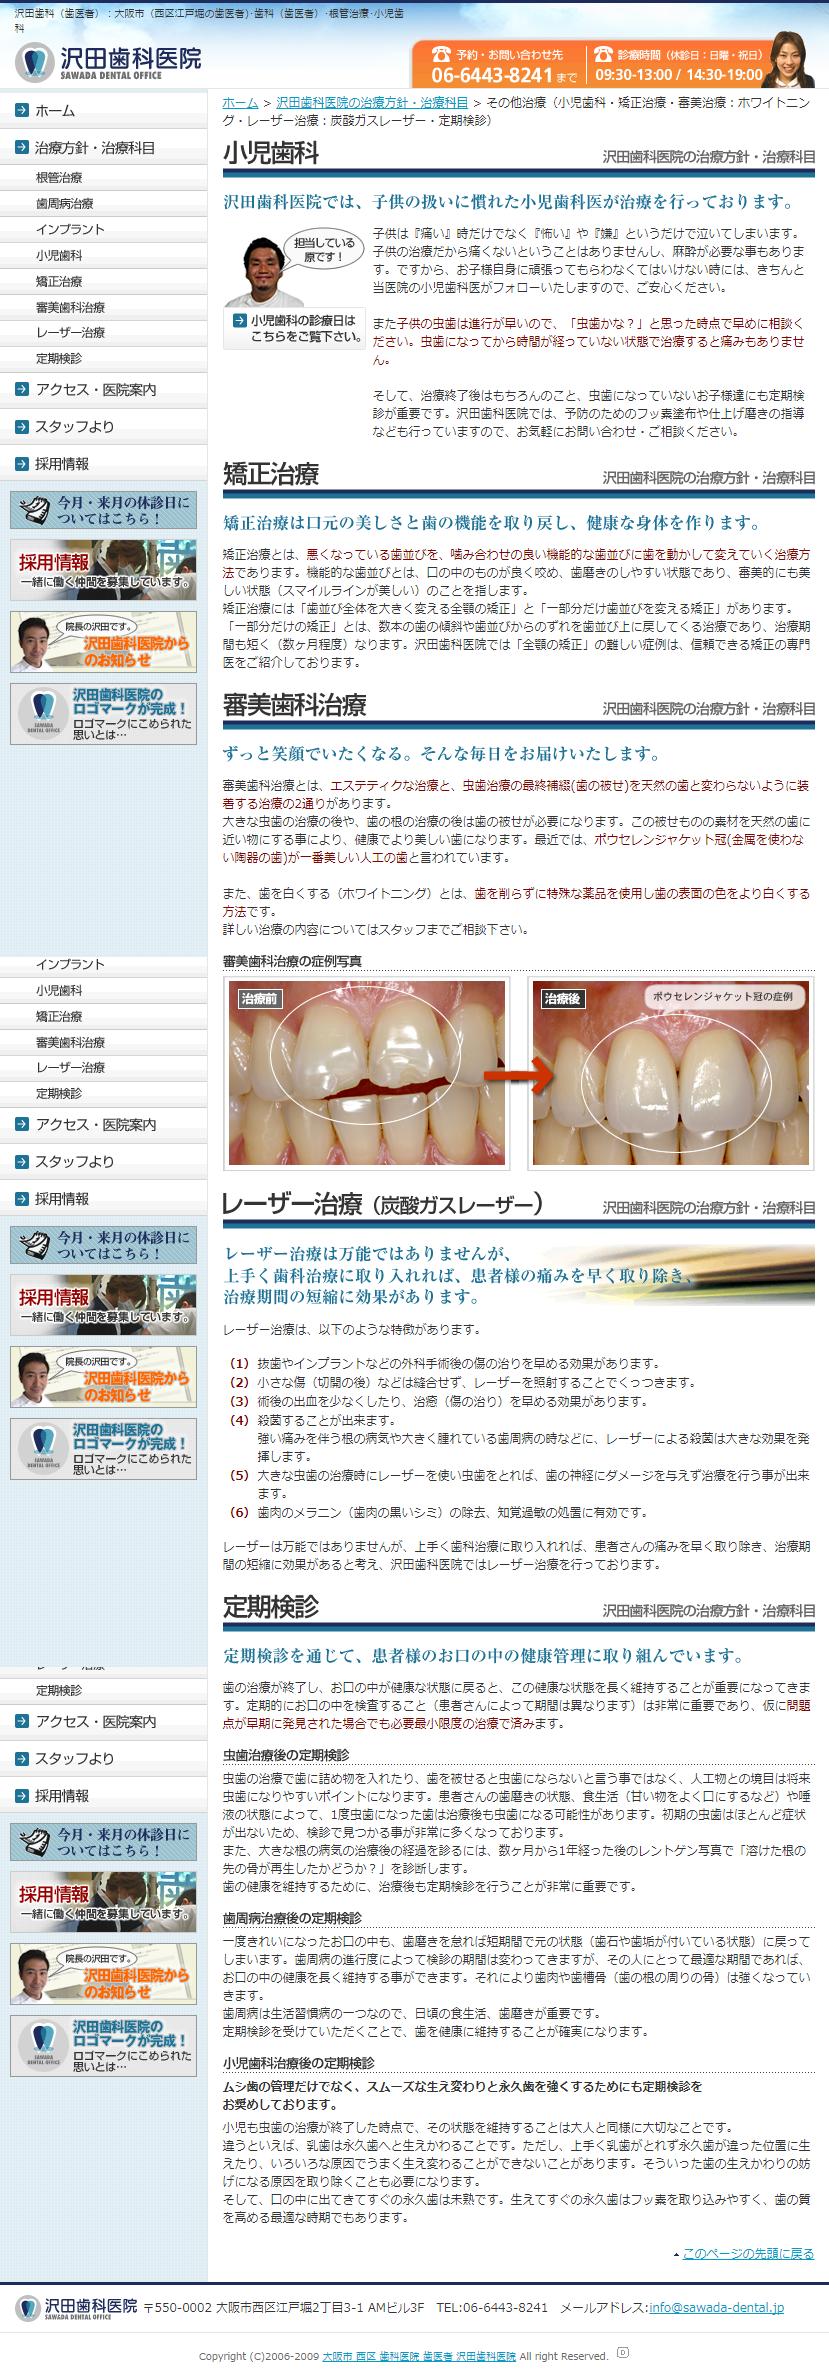 大阪市西区 沢田歯科医院様 ホームページ制作2